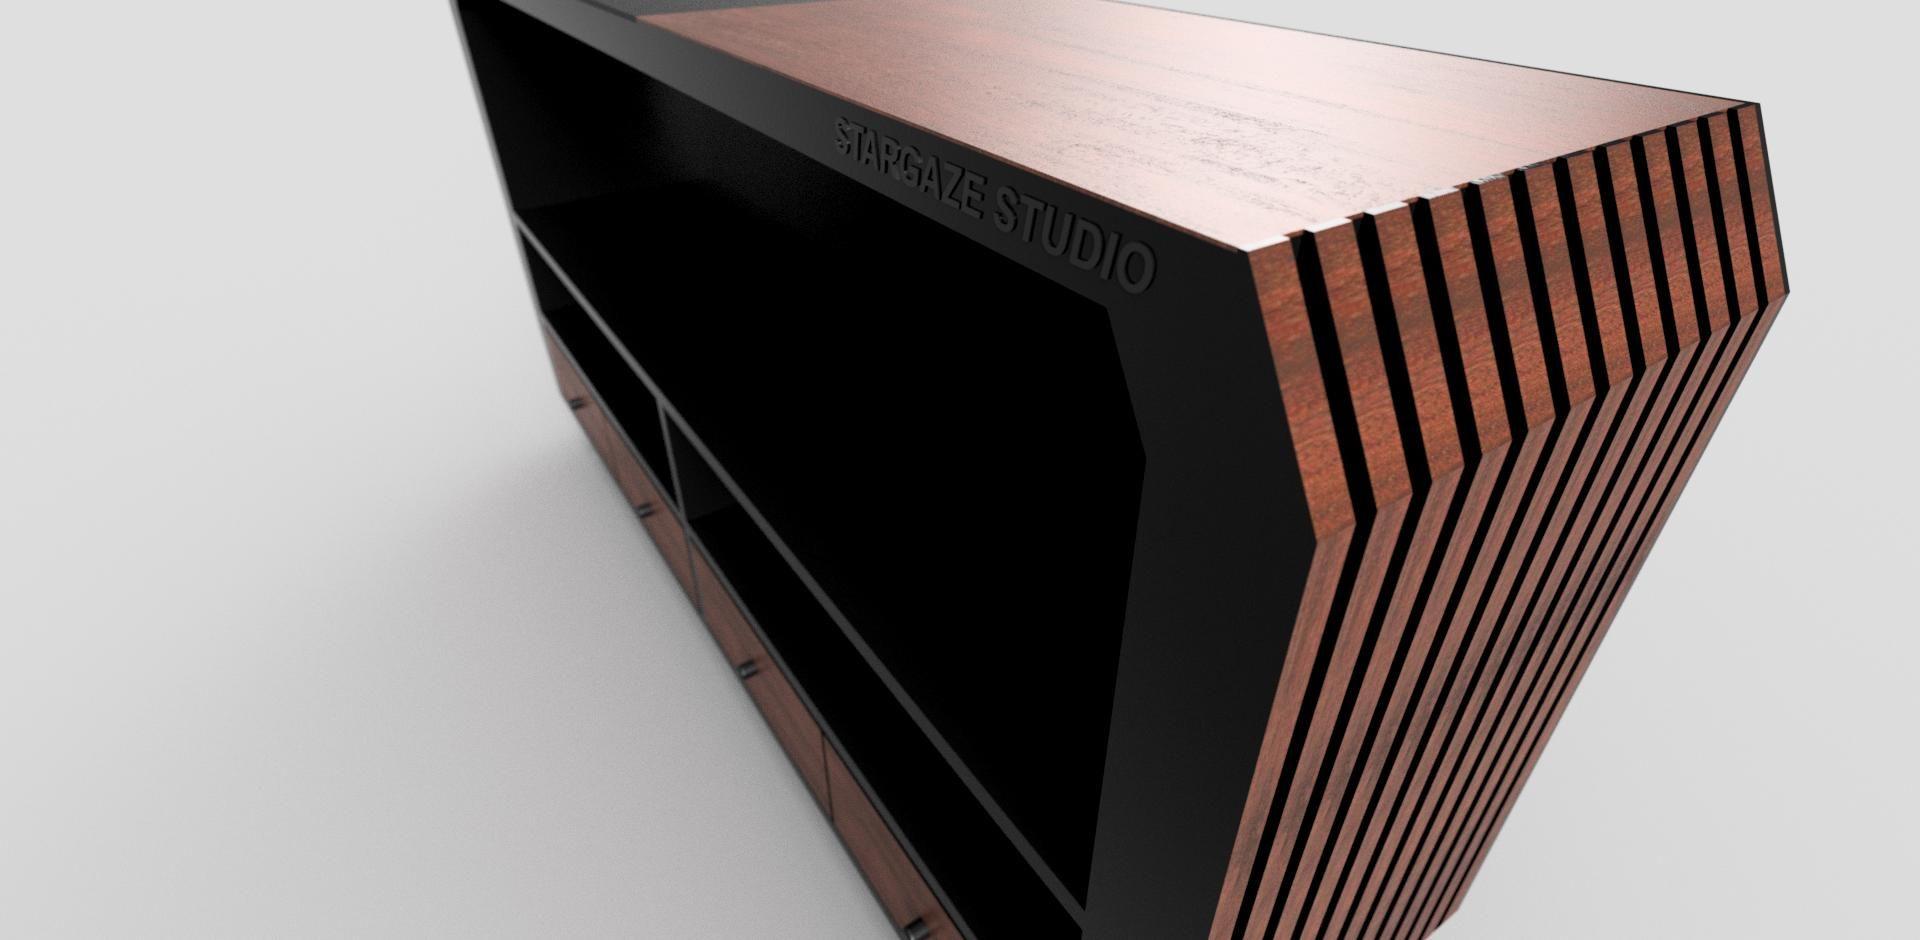 Bookshelf-v26-3500-3500